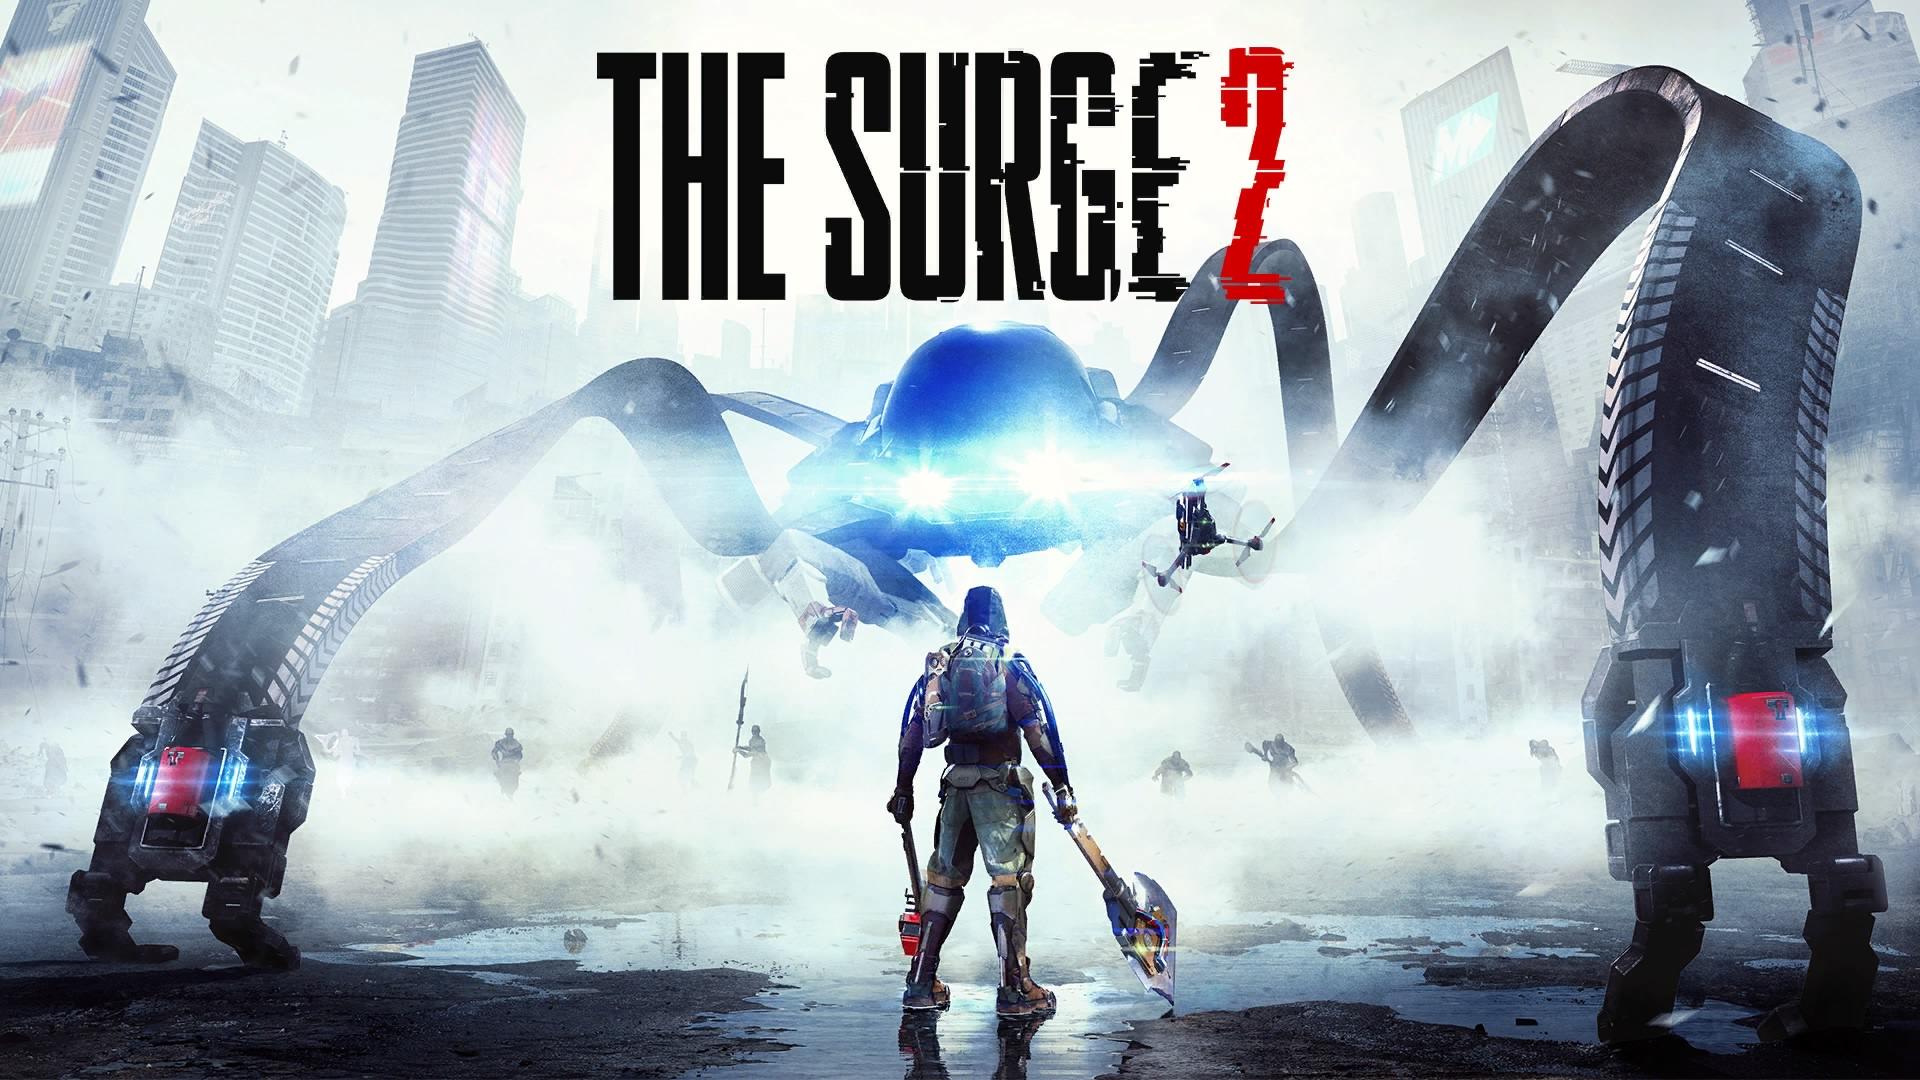 The Surge 2 - krok w dobrą stronę (recenzja)